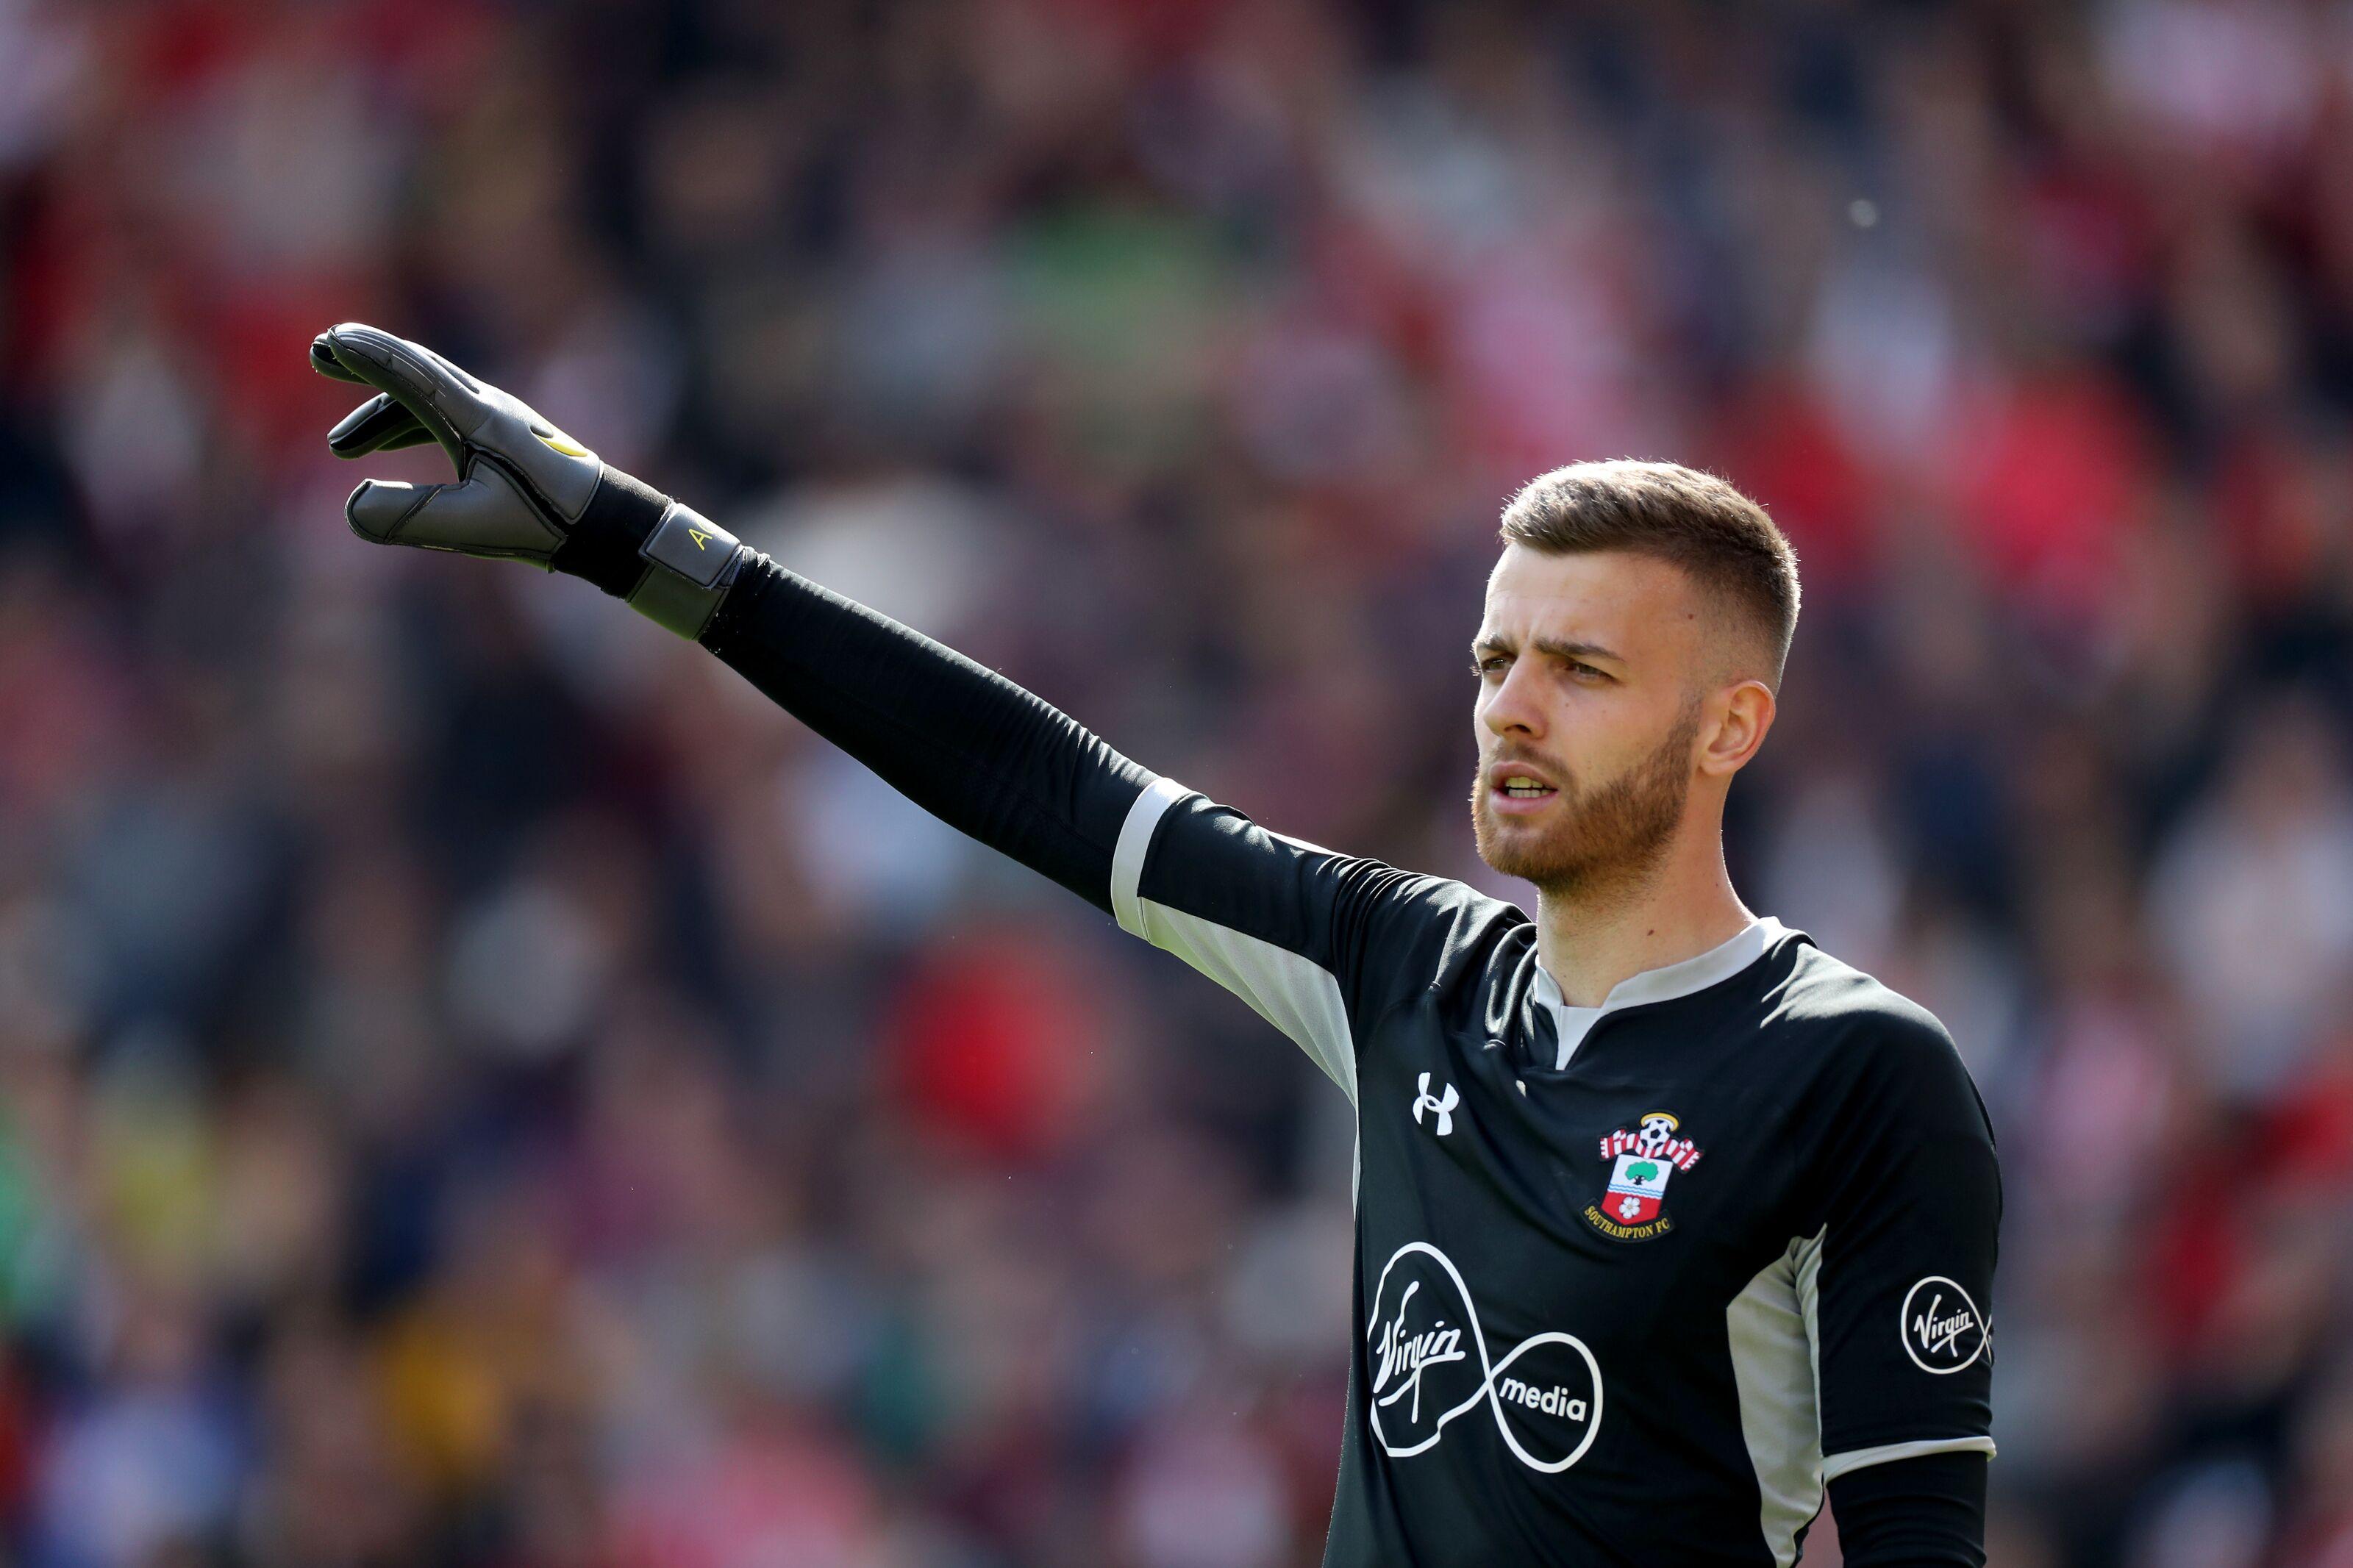 Southampton 2018/19 Season Player Review: Angus Gunn